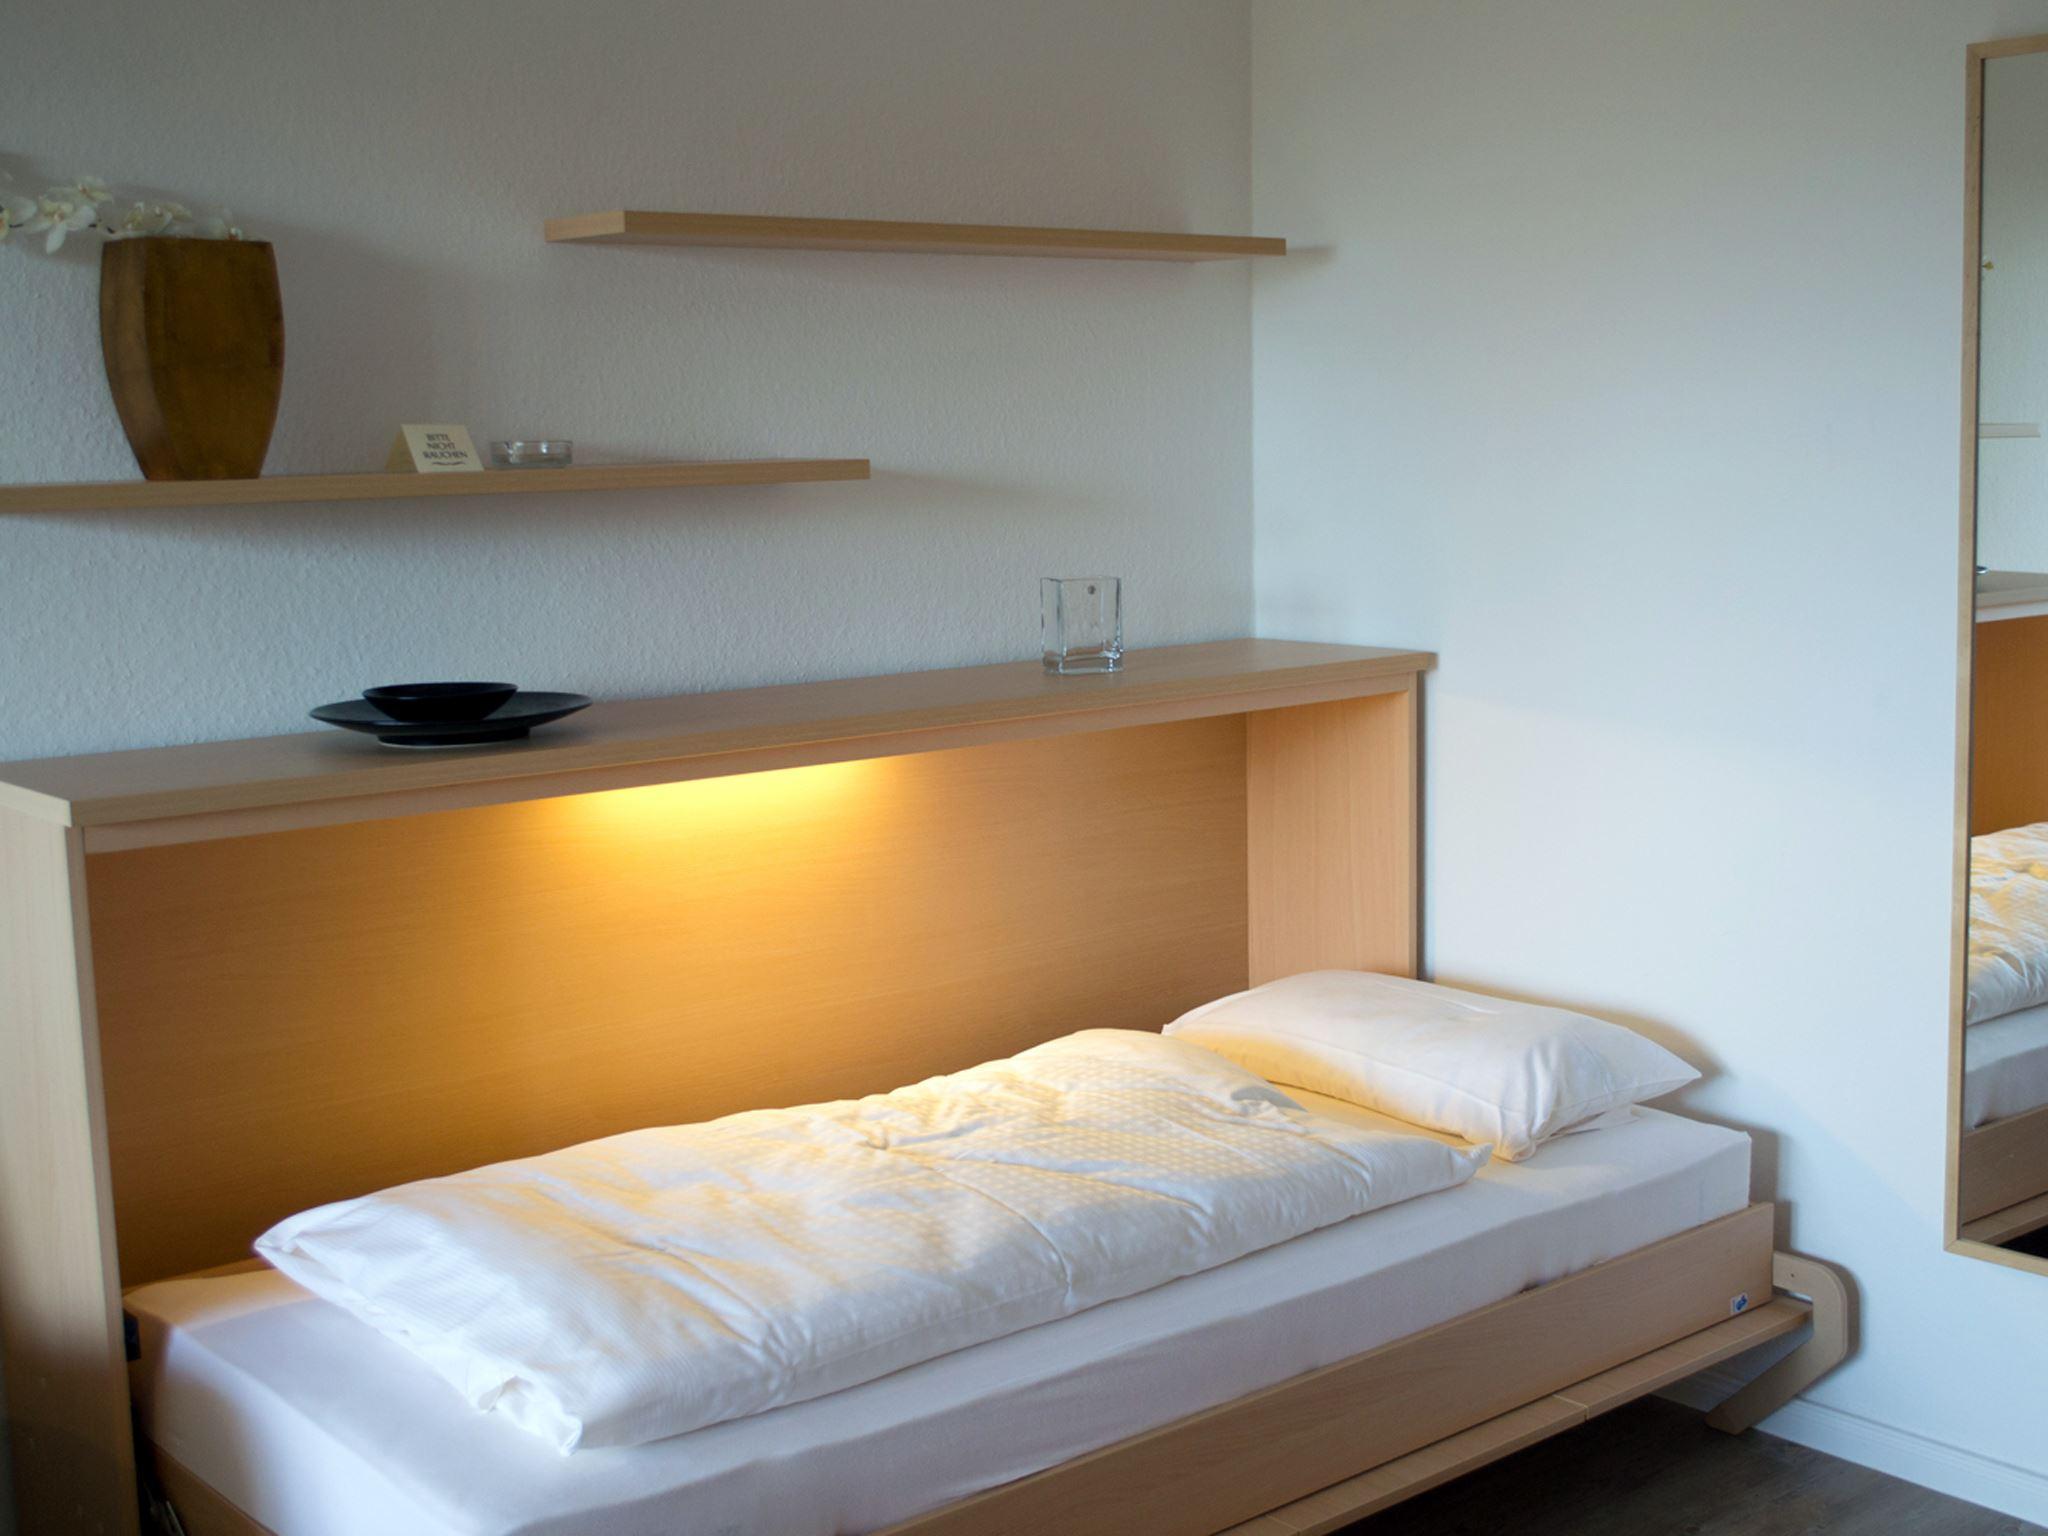 2-3 Personen Ferienappartement in St. Peter-Ording mit Loggia in Strandnähe mit Blick auf den Ordinger Deich Luna IV Nr. 36